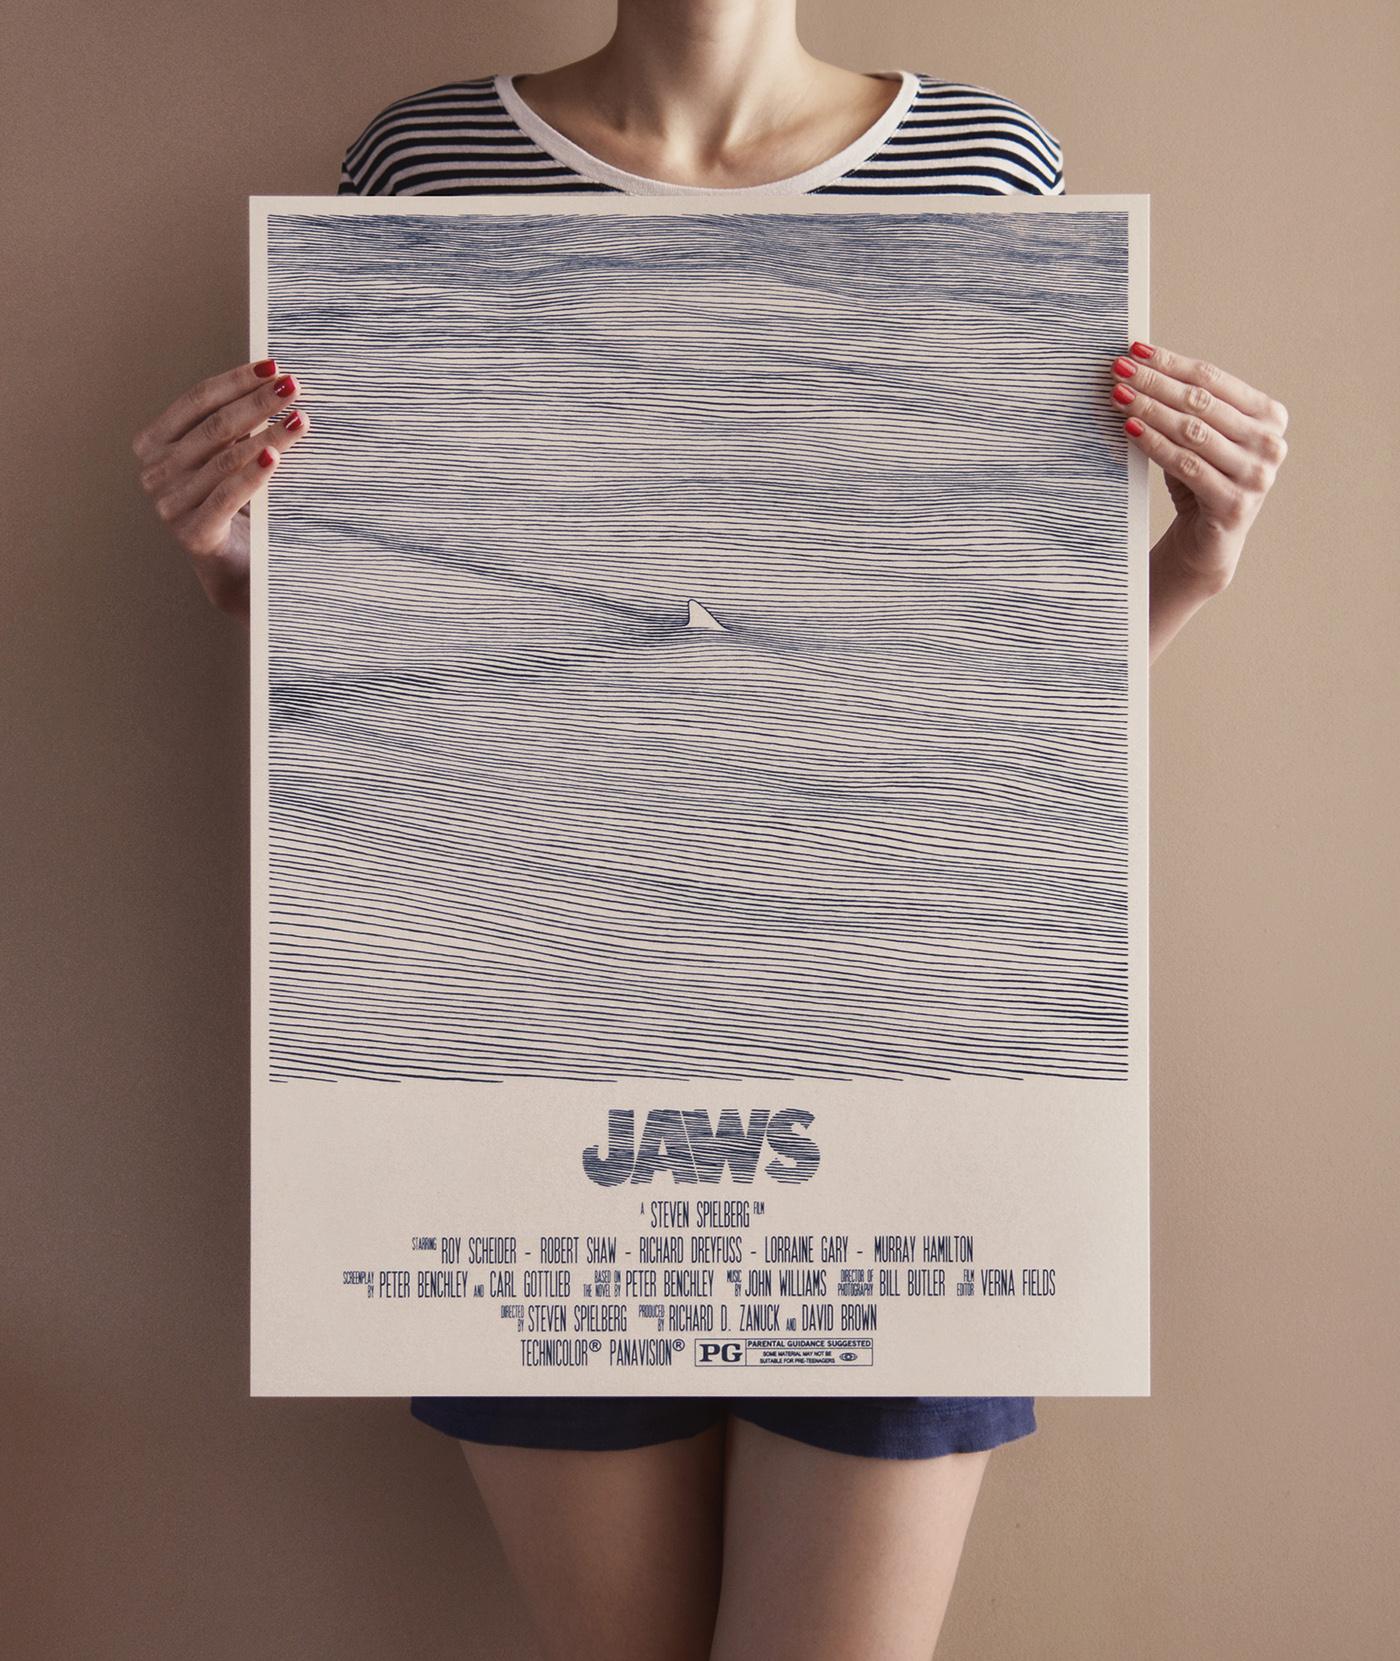 jaws-silkscreen.jpg